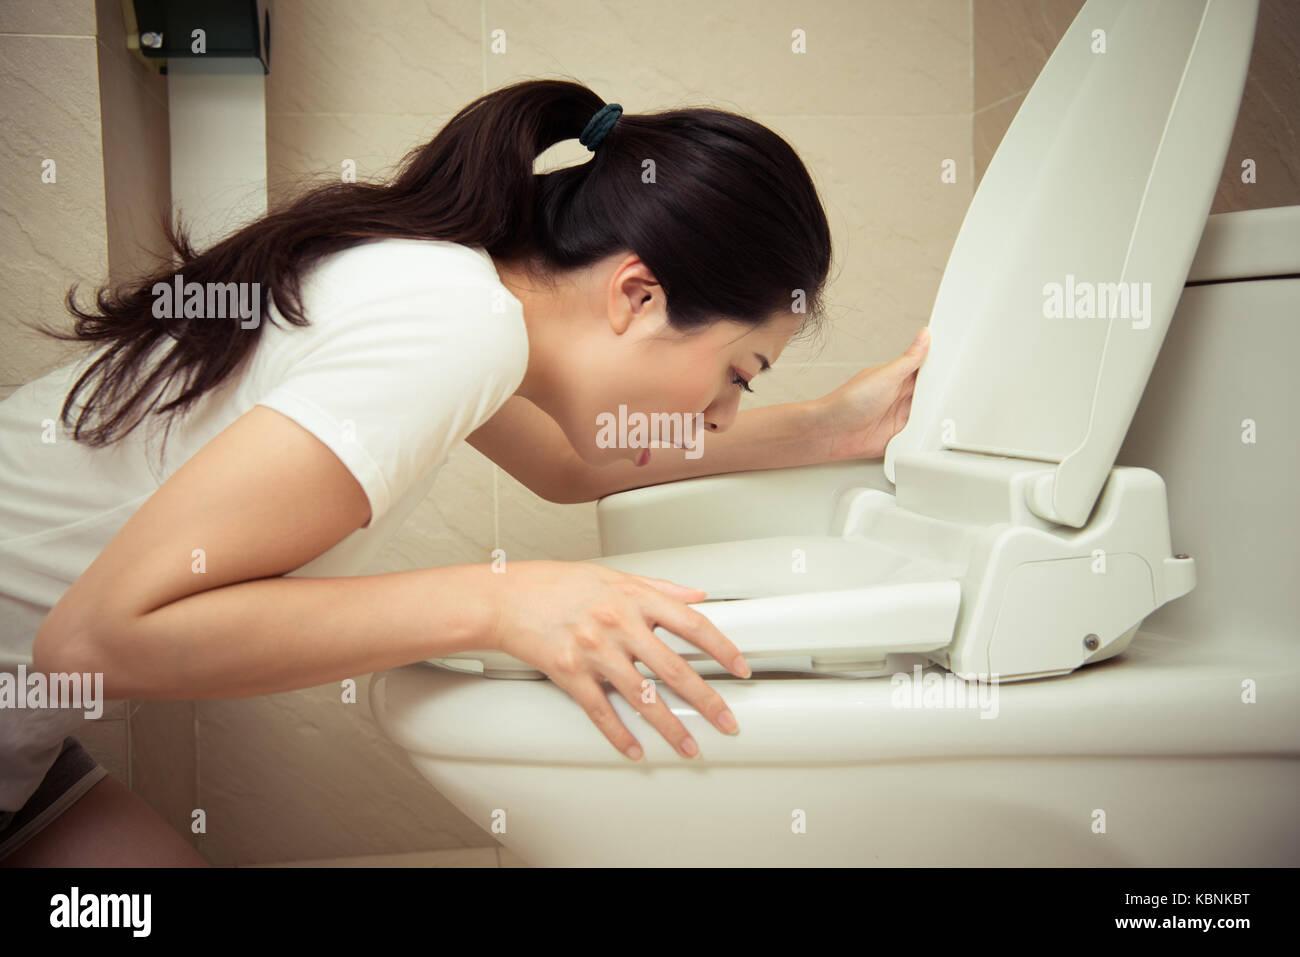 Korean Toilet Stock Photos & Korean Toilet Stock Images ...